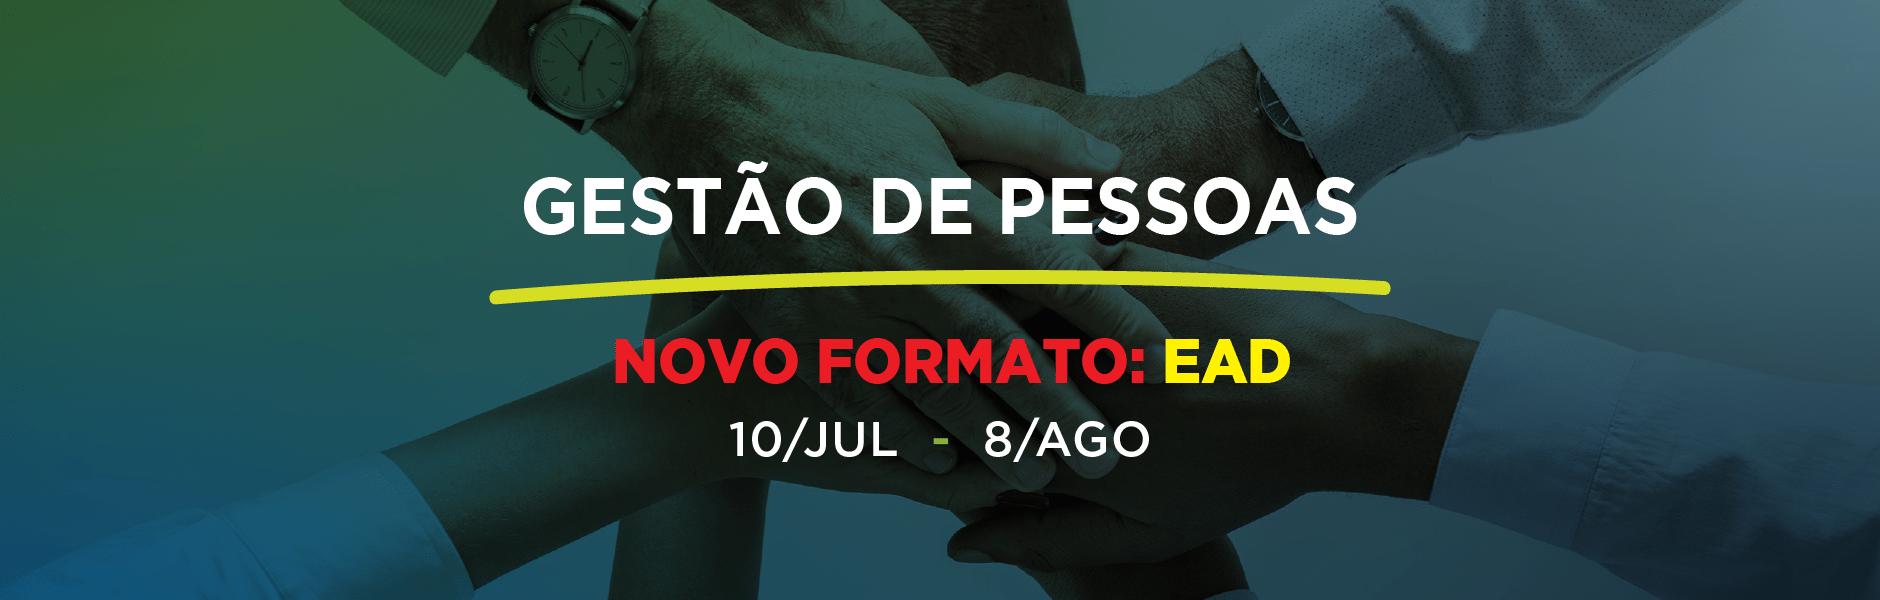 GESTÃO DE PESSOAS - Julho 2021